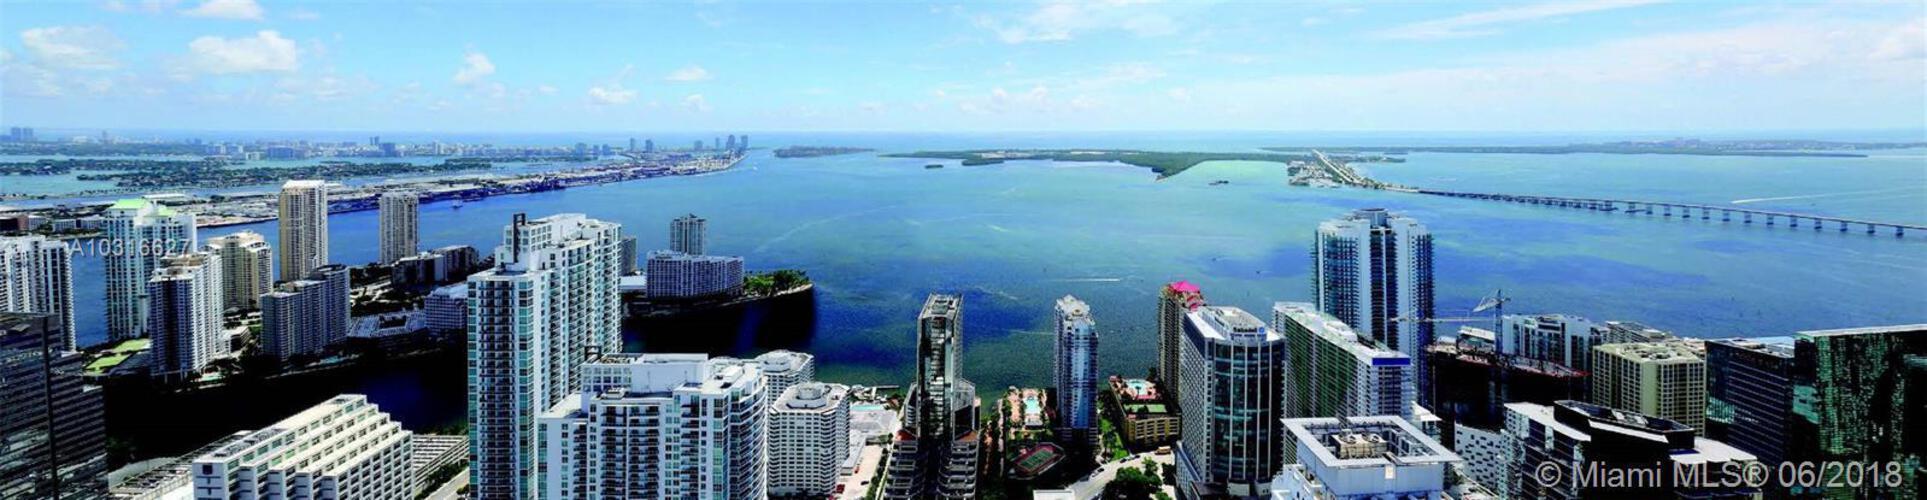 1010 Brickell Avenue, Miami, FL 33131, 1010 Brickell #3107, Brickell, Miami A10316627 image #6